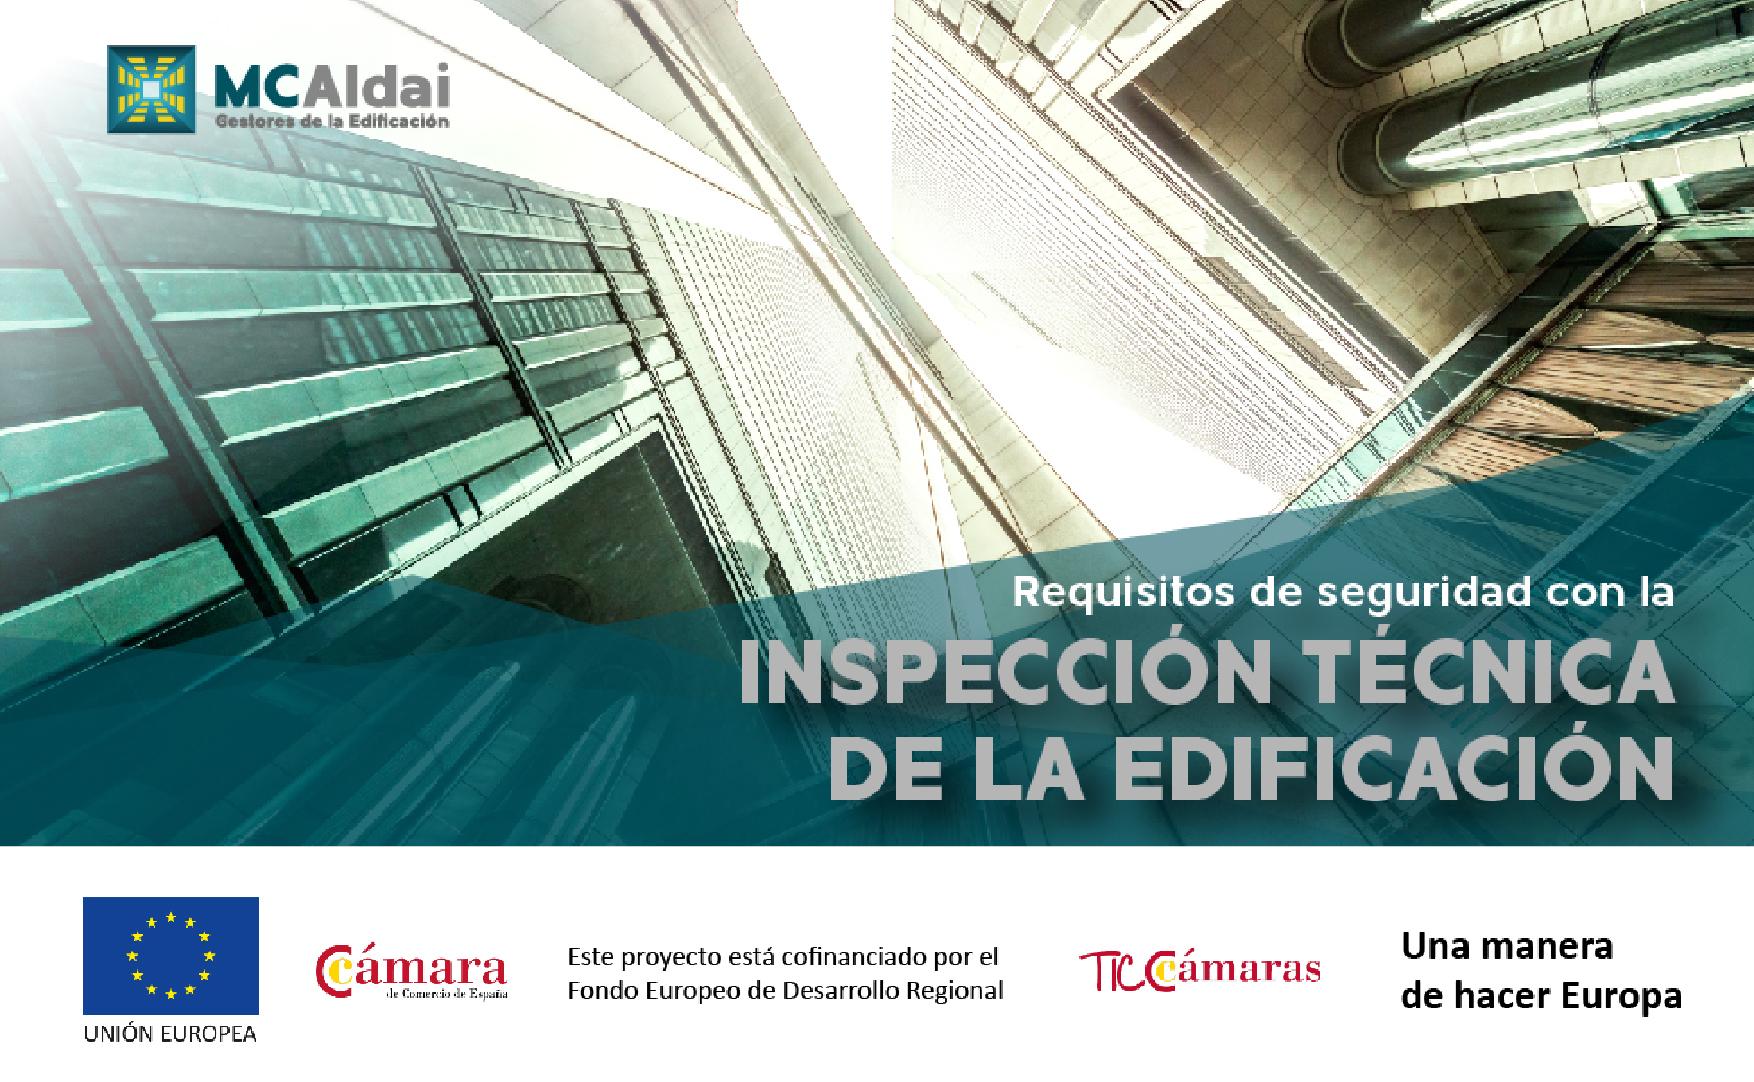 MCAldai, Inspección técnica de edificios